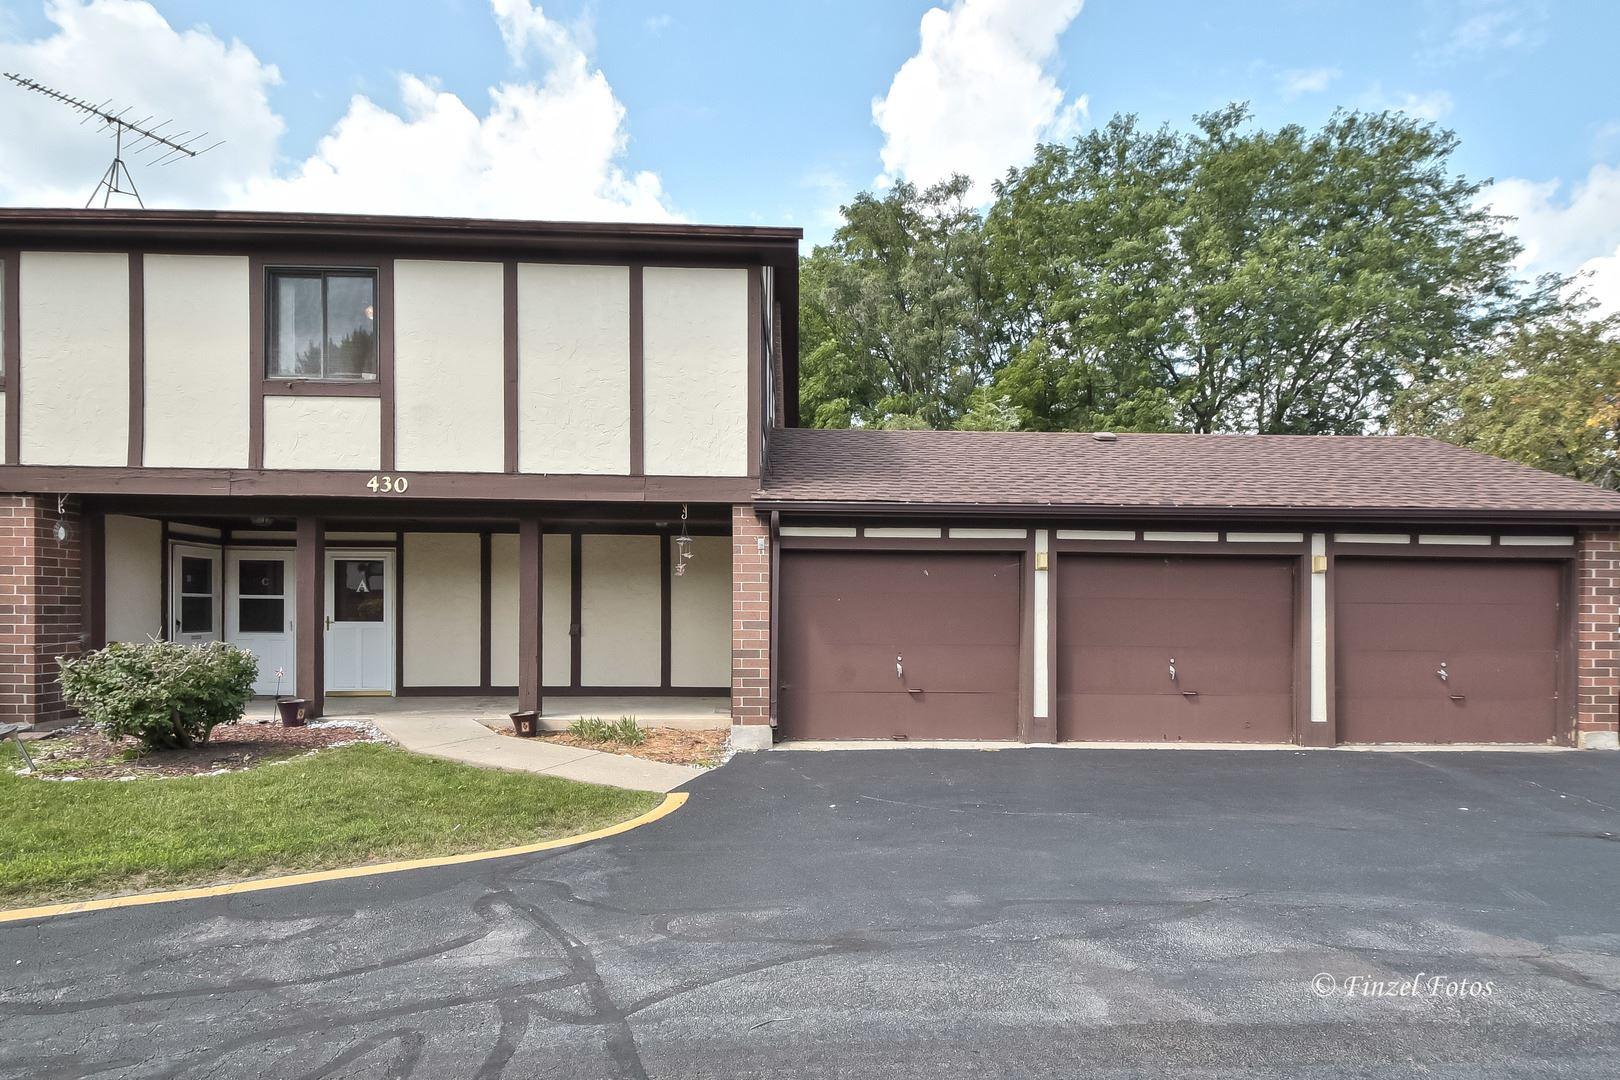 430 Brandy Drive #A, Crystal Lake, IL 60014 - #: 11237587